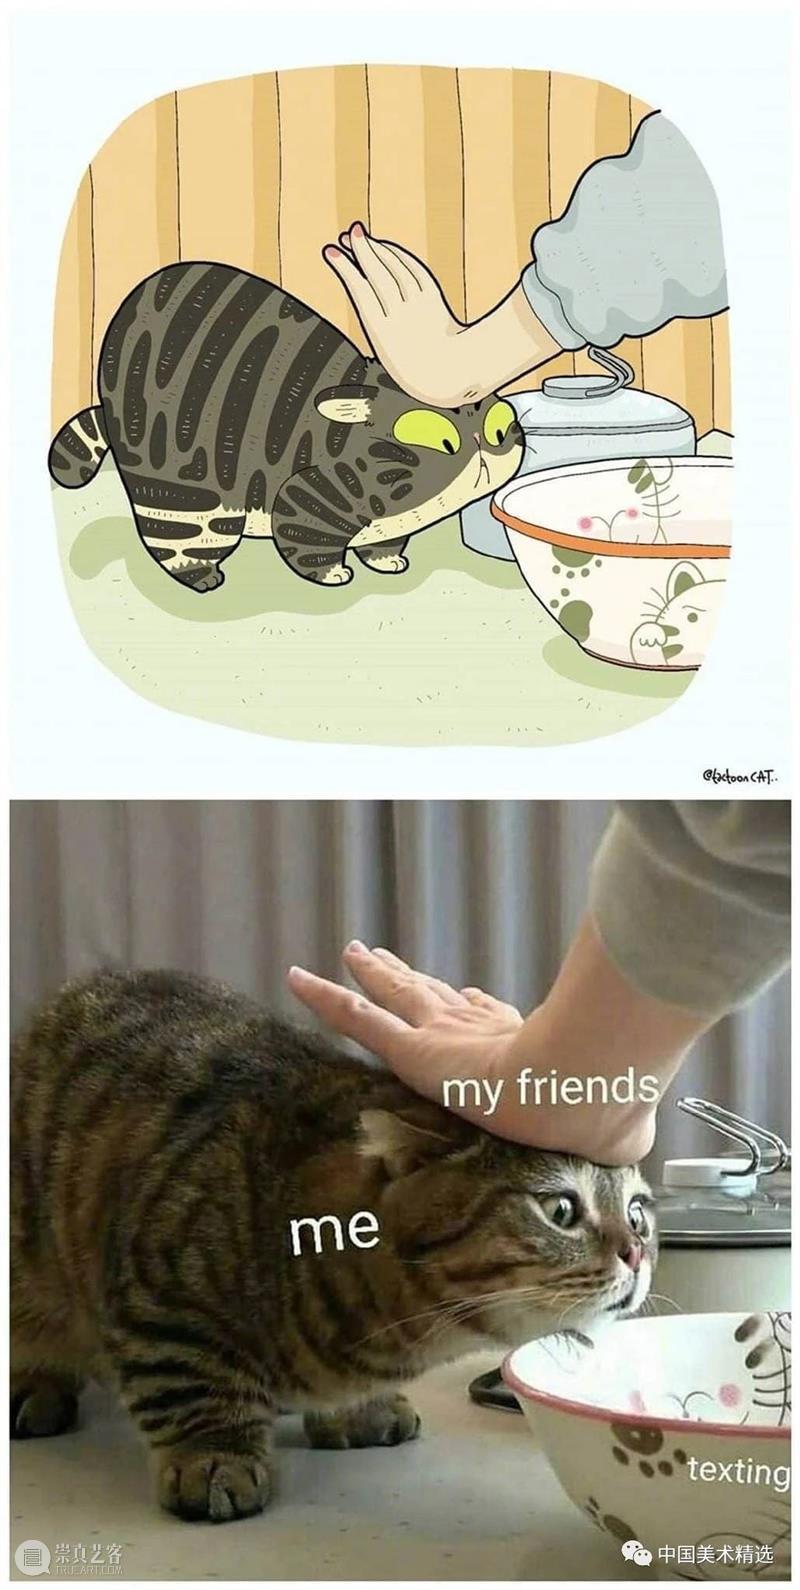 做一只有趣的猫咪 猫咪 插画师 ROCKYS 瞬间 原图 灵魂 画作 作品 往期 好文 崇真艺客